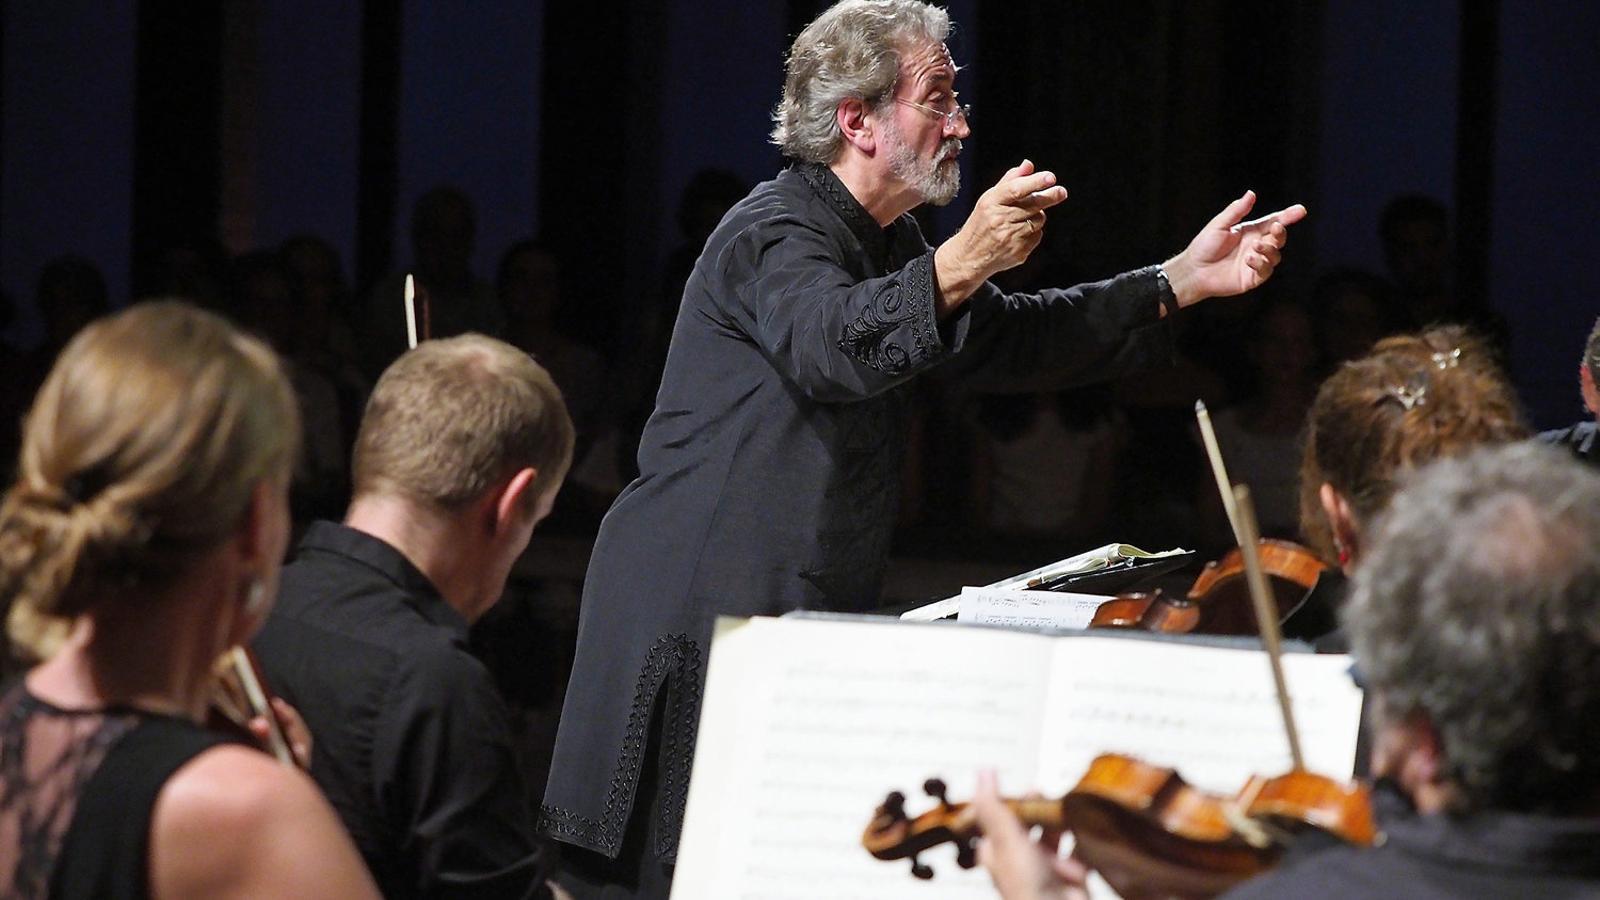 Savall dirigint Le Concert des Nations al Palau de la Música. / A. BOFILL